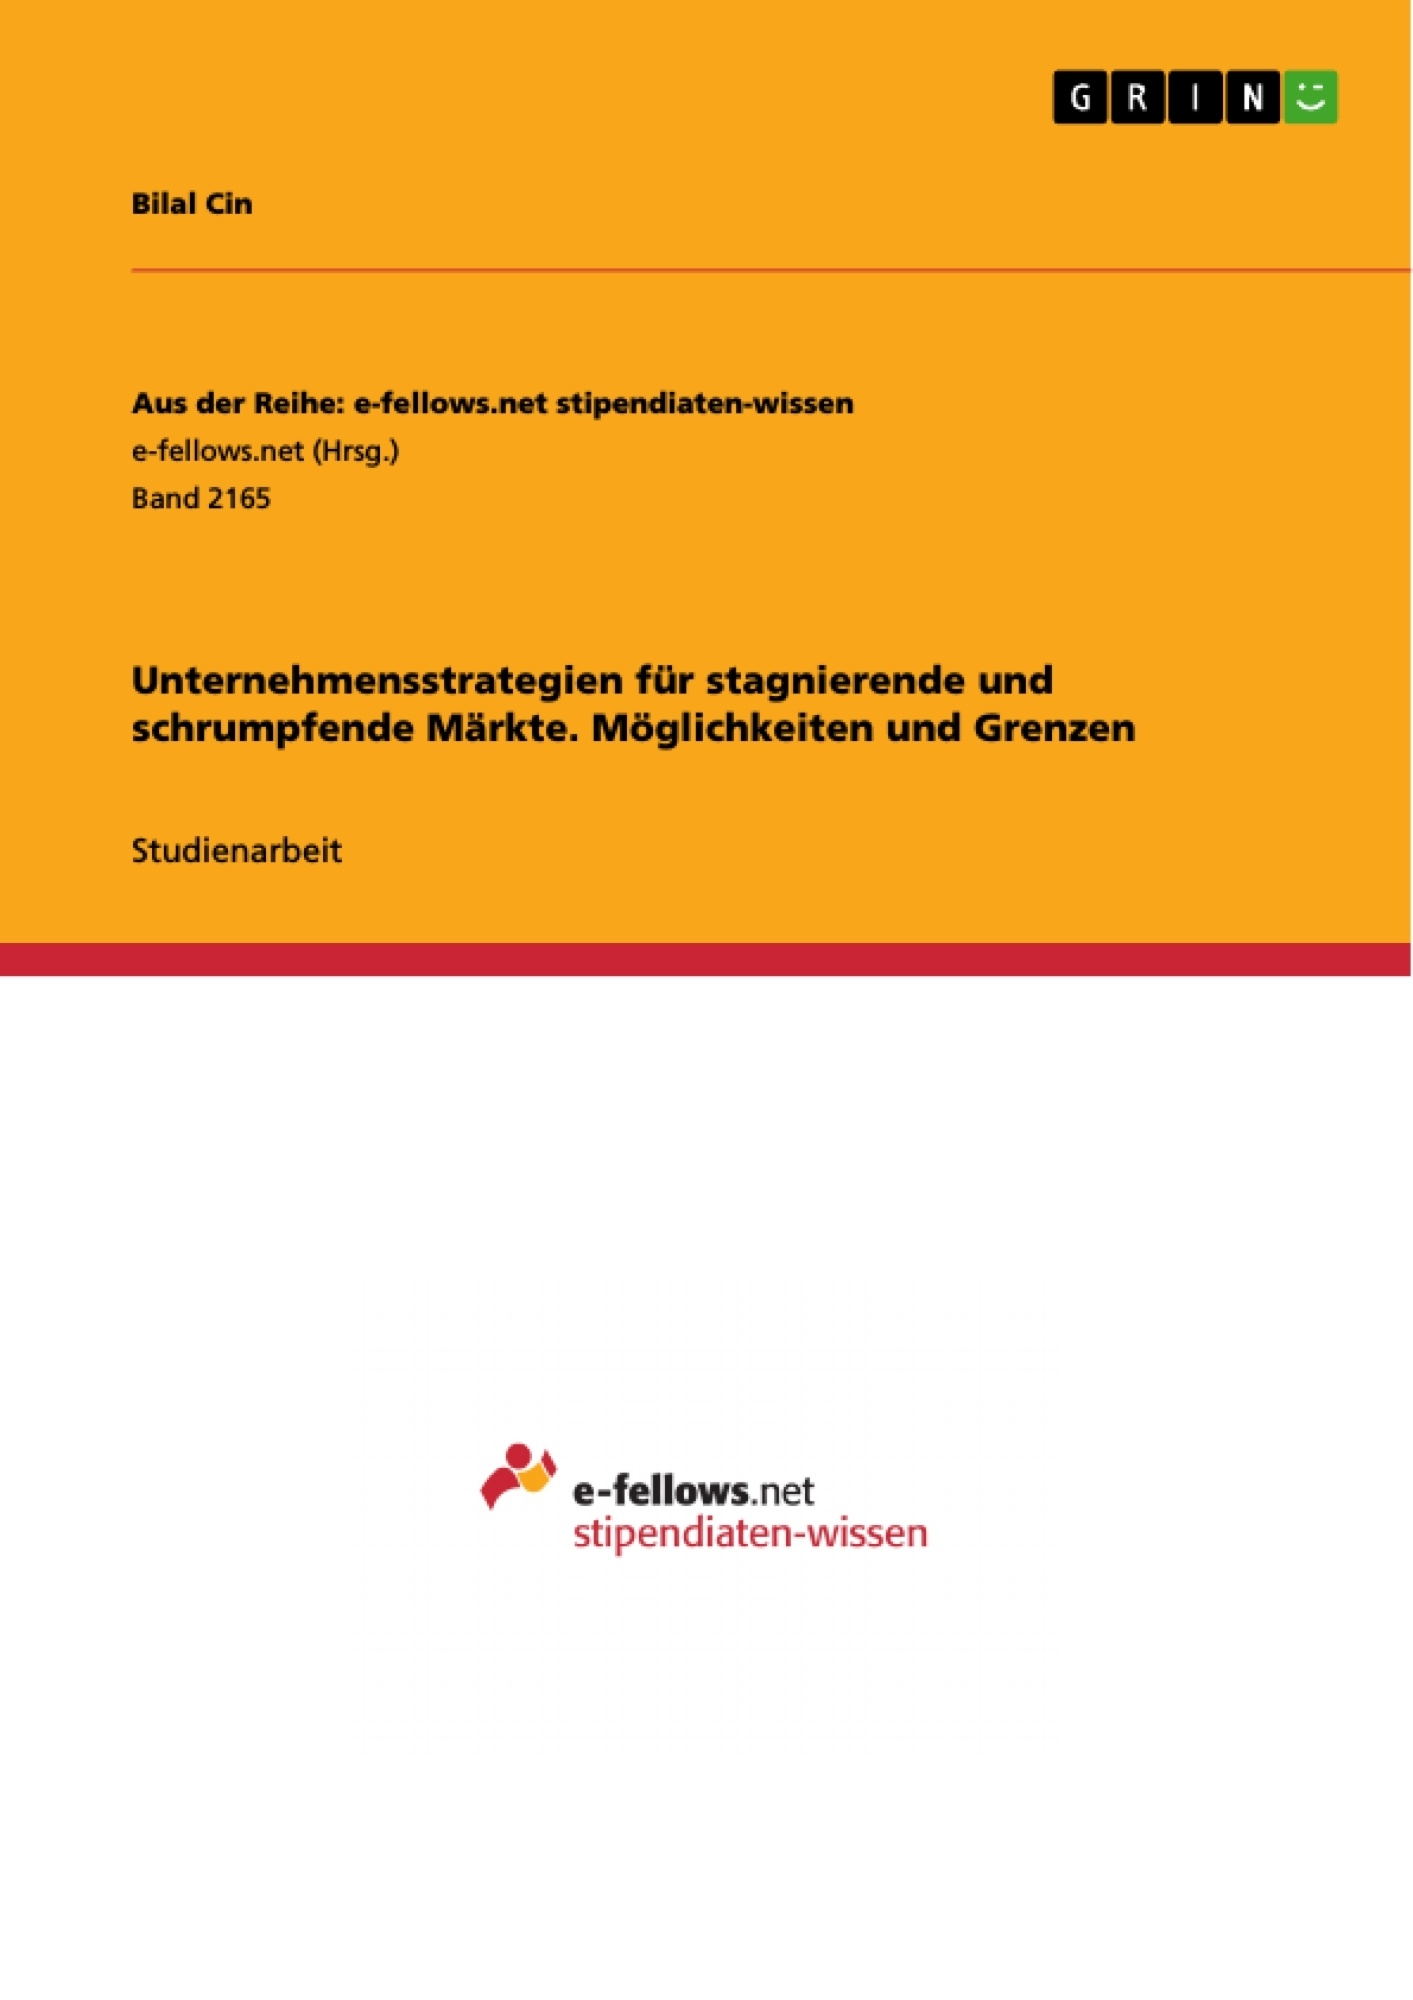 Titel: Unternehmensstrategien für stagnierende und schrumpfende Märkte. Möglichkeiten und Grenzen